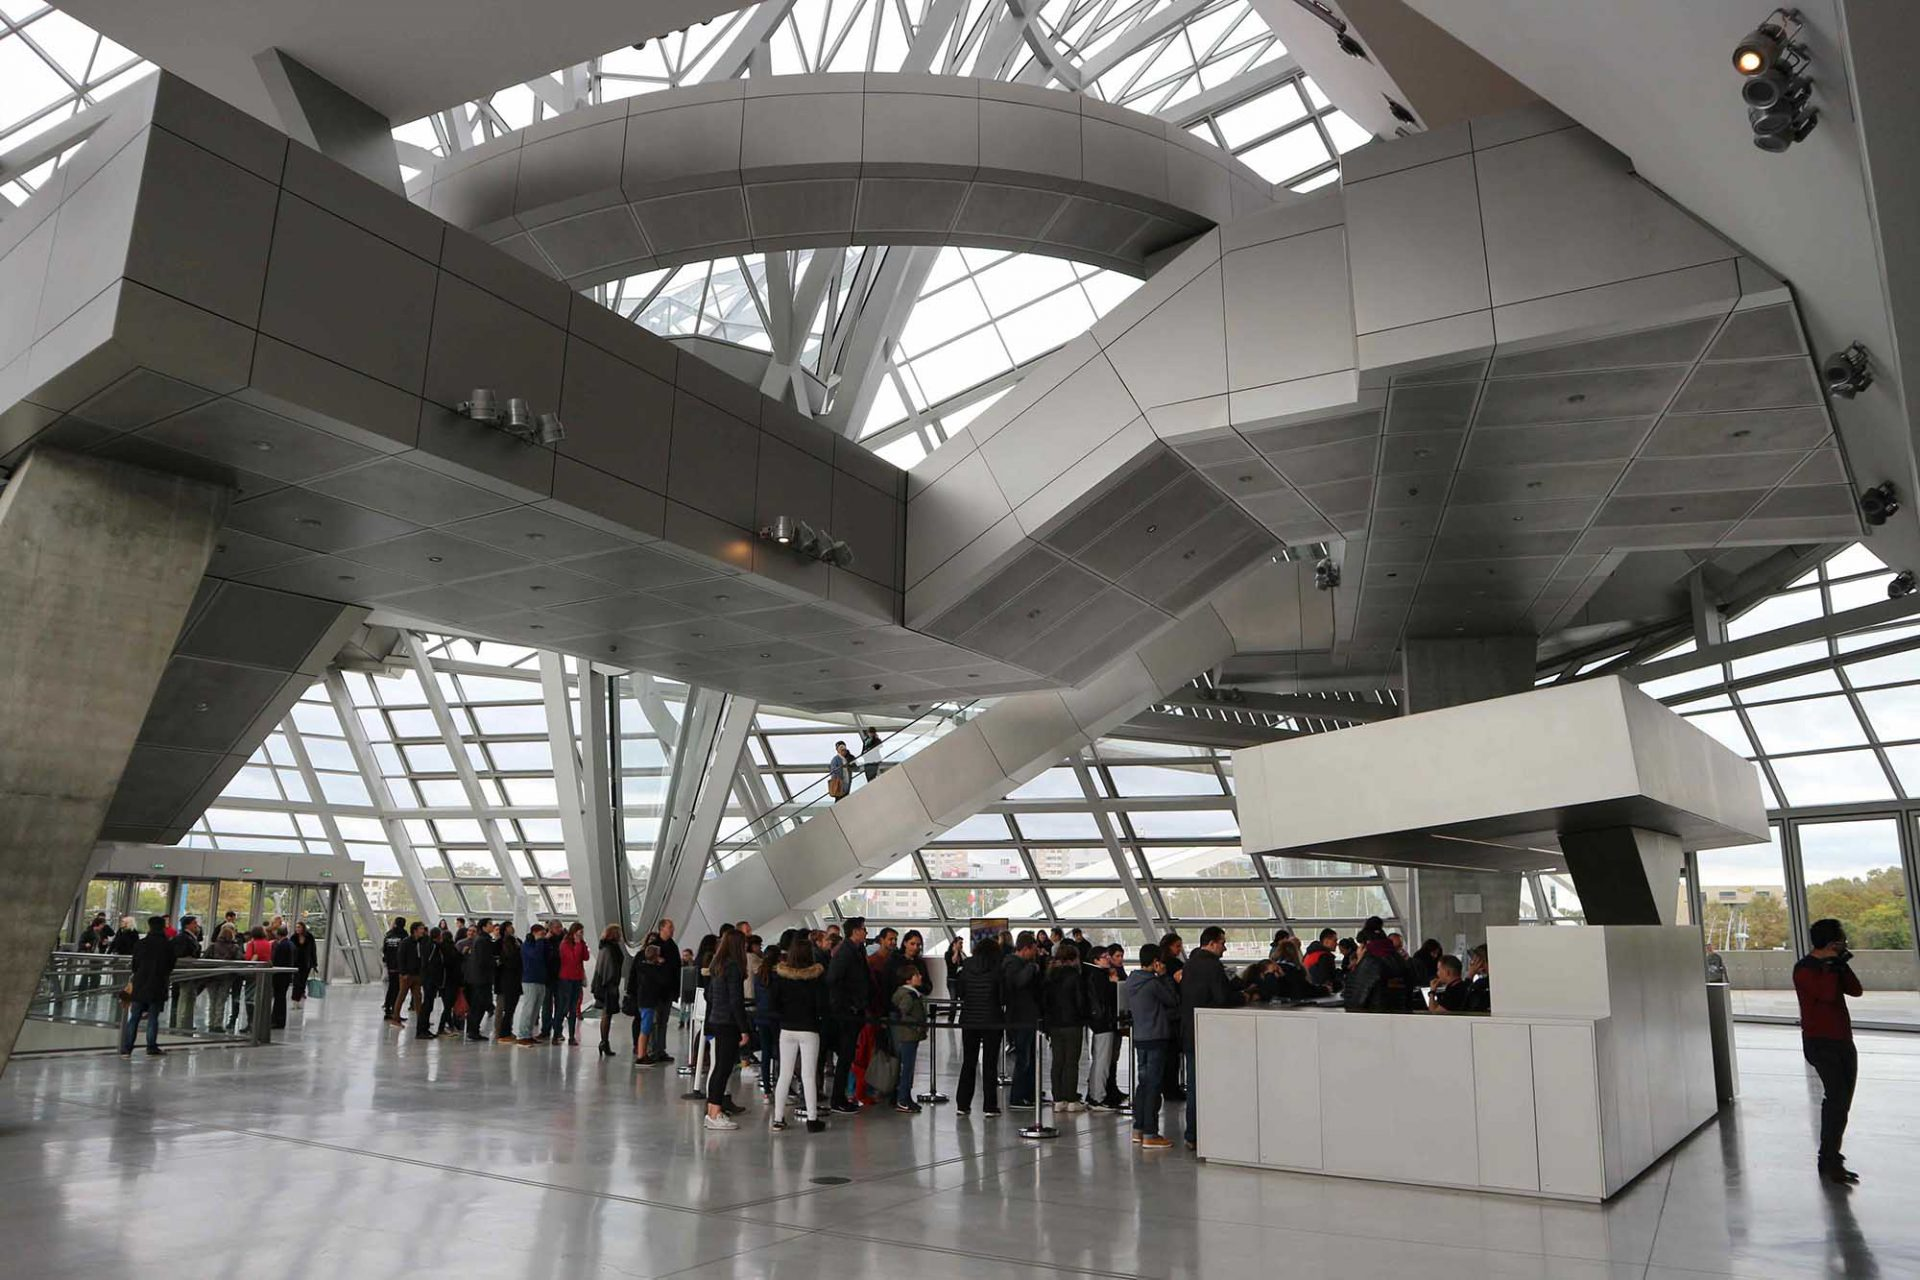 """Wissensplatz.  Im Wettbewerb für ein Naturhistorisches Museum wurde das Konzept des Museums als """"Medium zur Wissensvermittlung"""" bezeichnet und nicht als Schauraum für Produkte. Das Bild zeigt die Eingangshalle."""